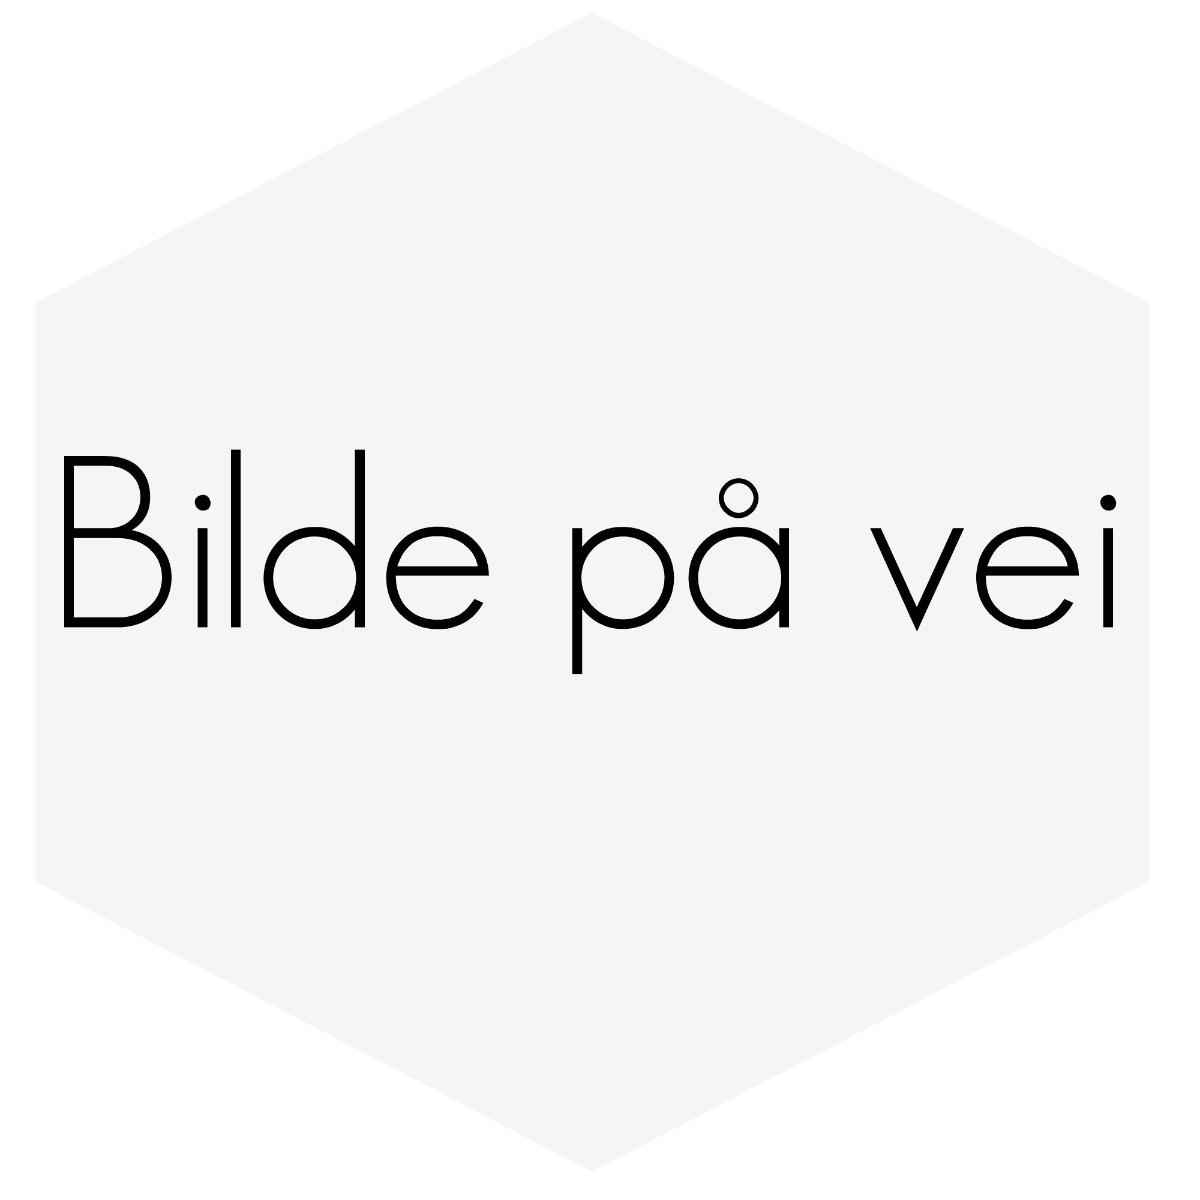 Ryggsensor til Volvo: C70, S40, V50, S60, S80, V70, XC70, XC90